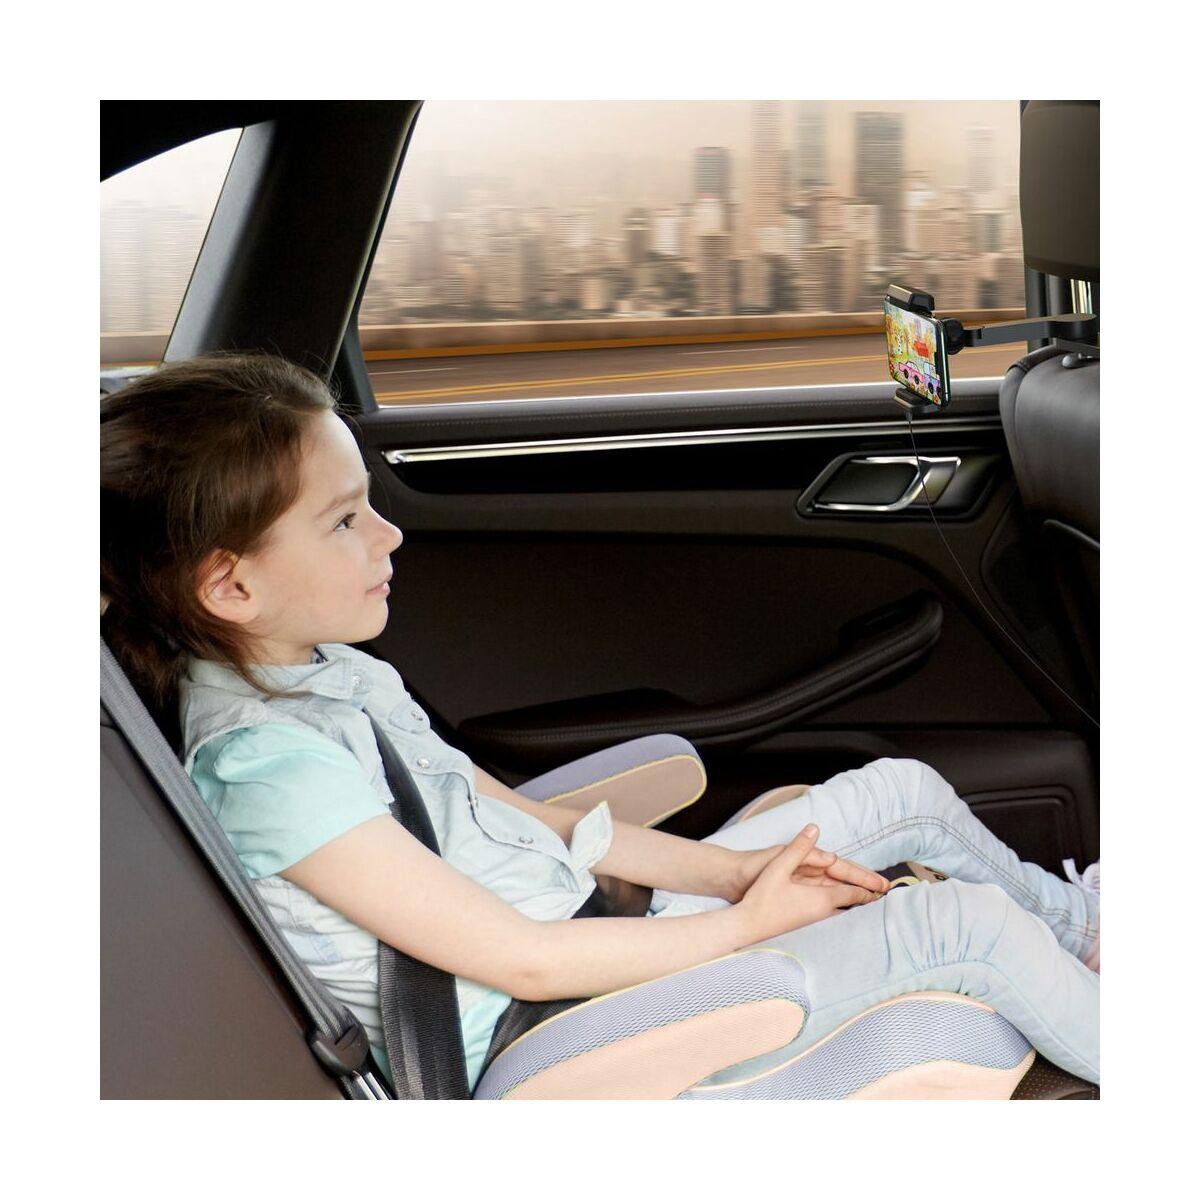 Baseus autós telefon tartó, vezeték nélküli töltő Energy Storage, fejtámlára szerelhető, 15W, fekete (WXHZ-01)